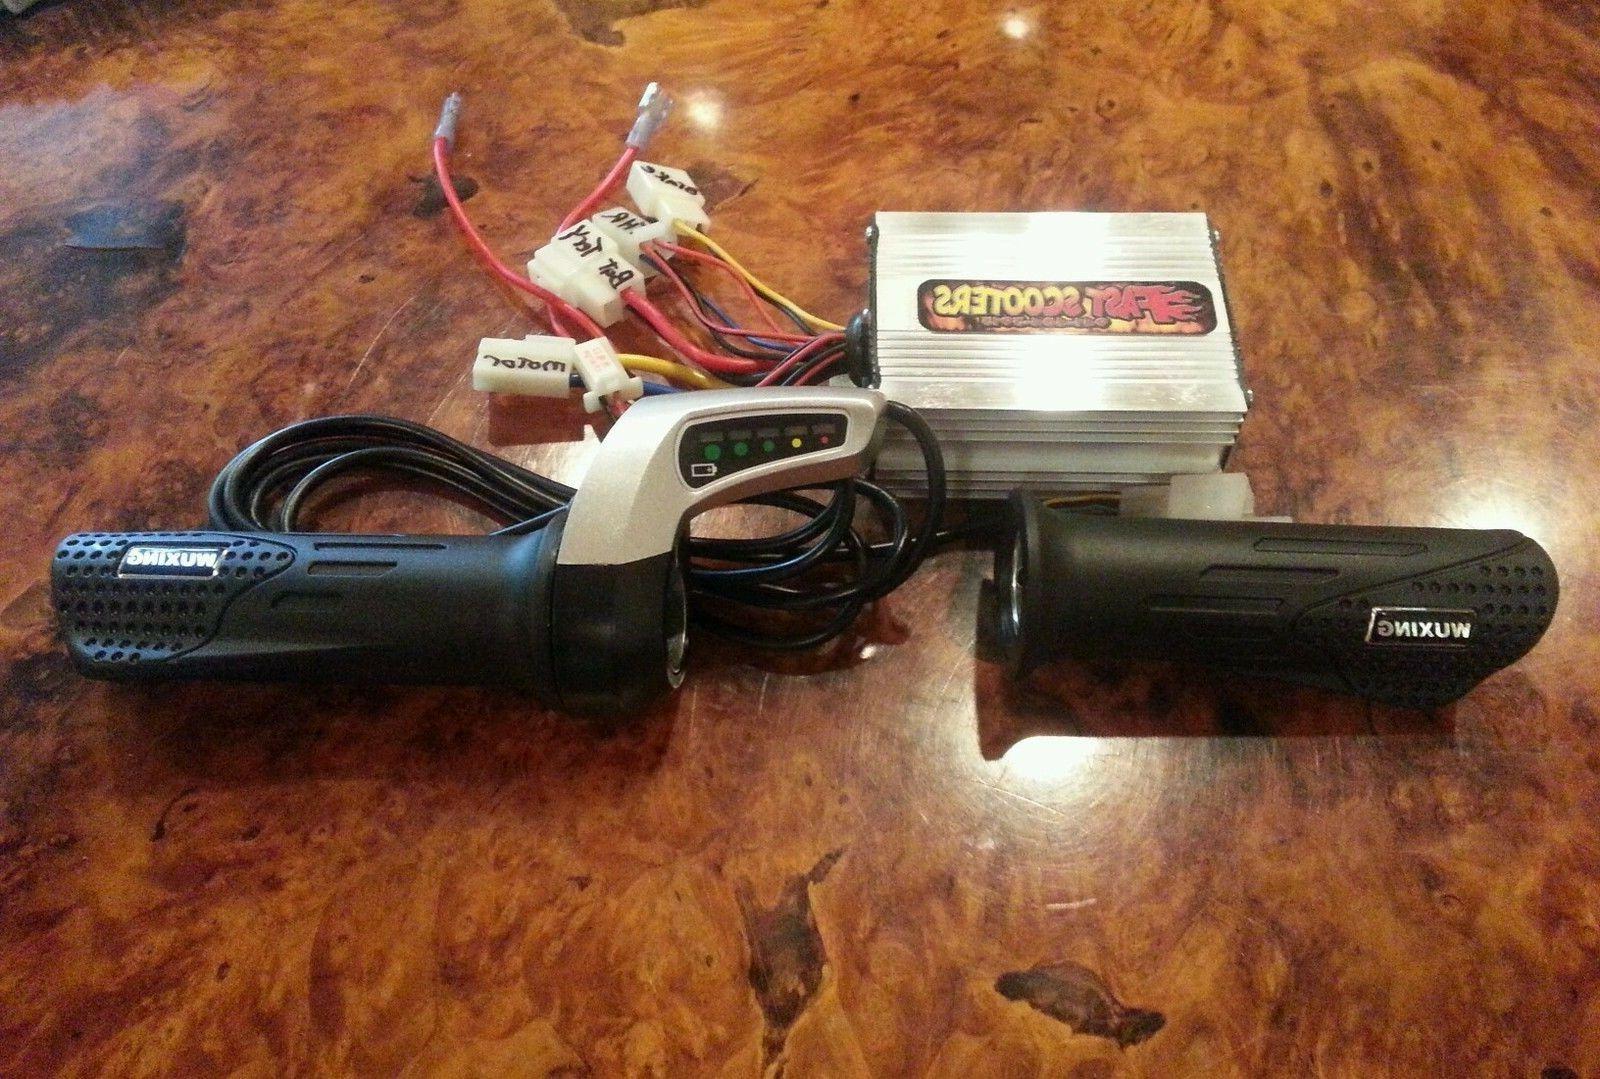 Razor E300 throttle, kit- 36 Over Kit